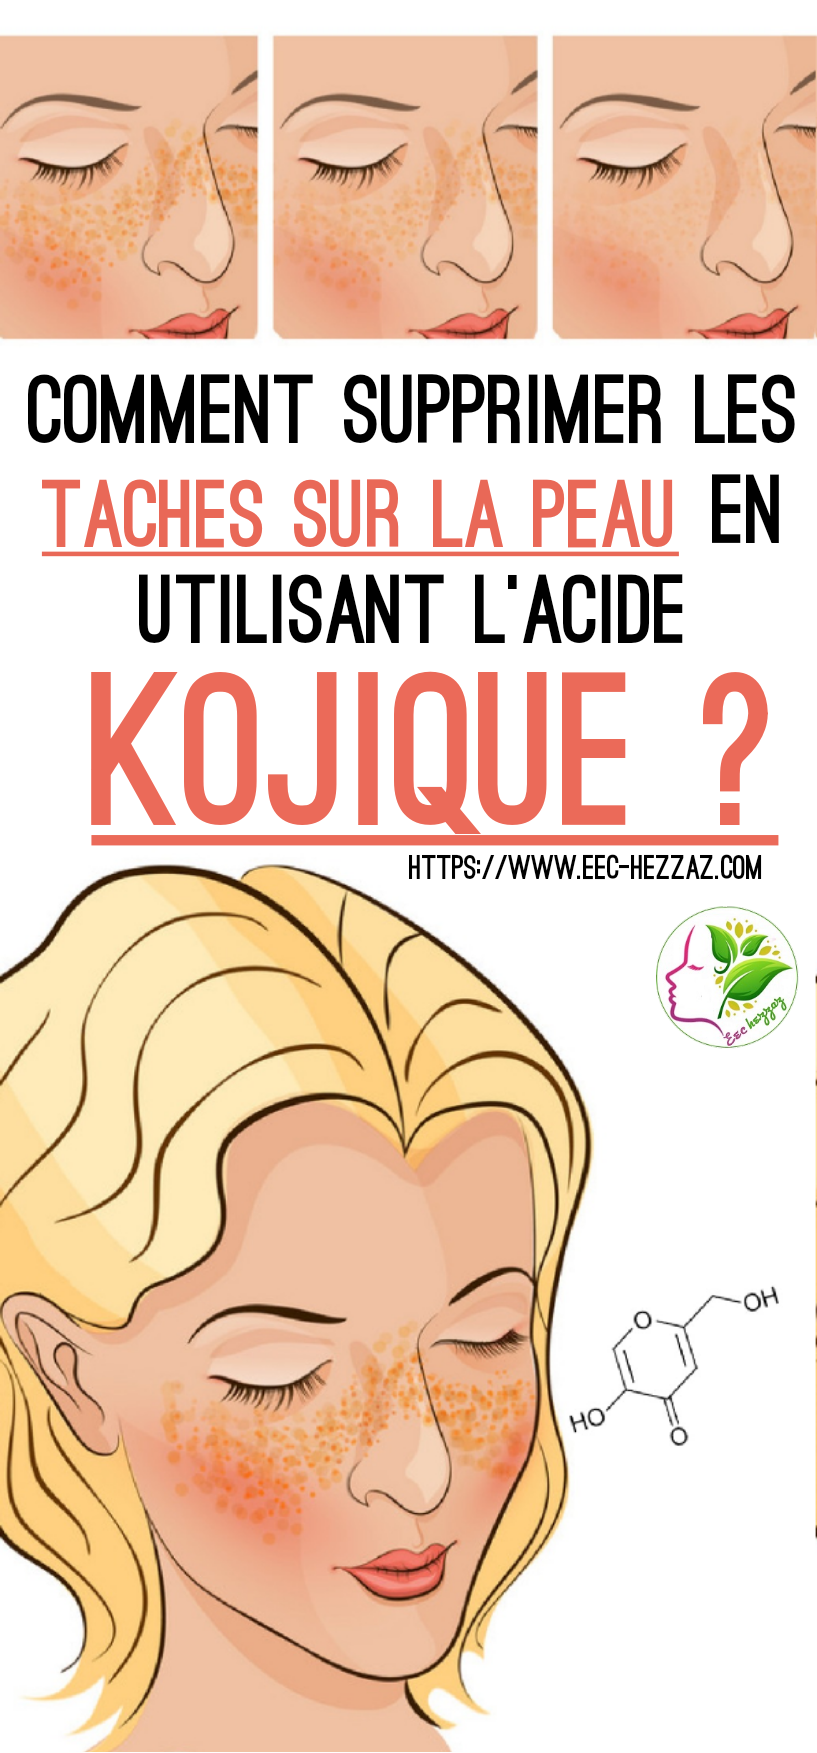 Comment supprimer les taches sur la peau en utilisant l'acide kojique ?